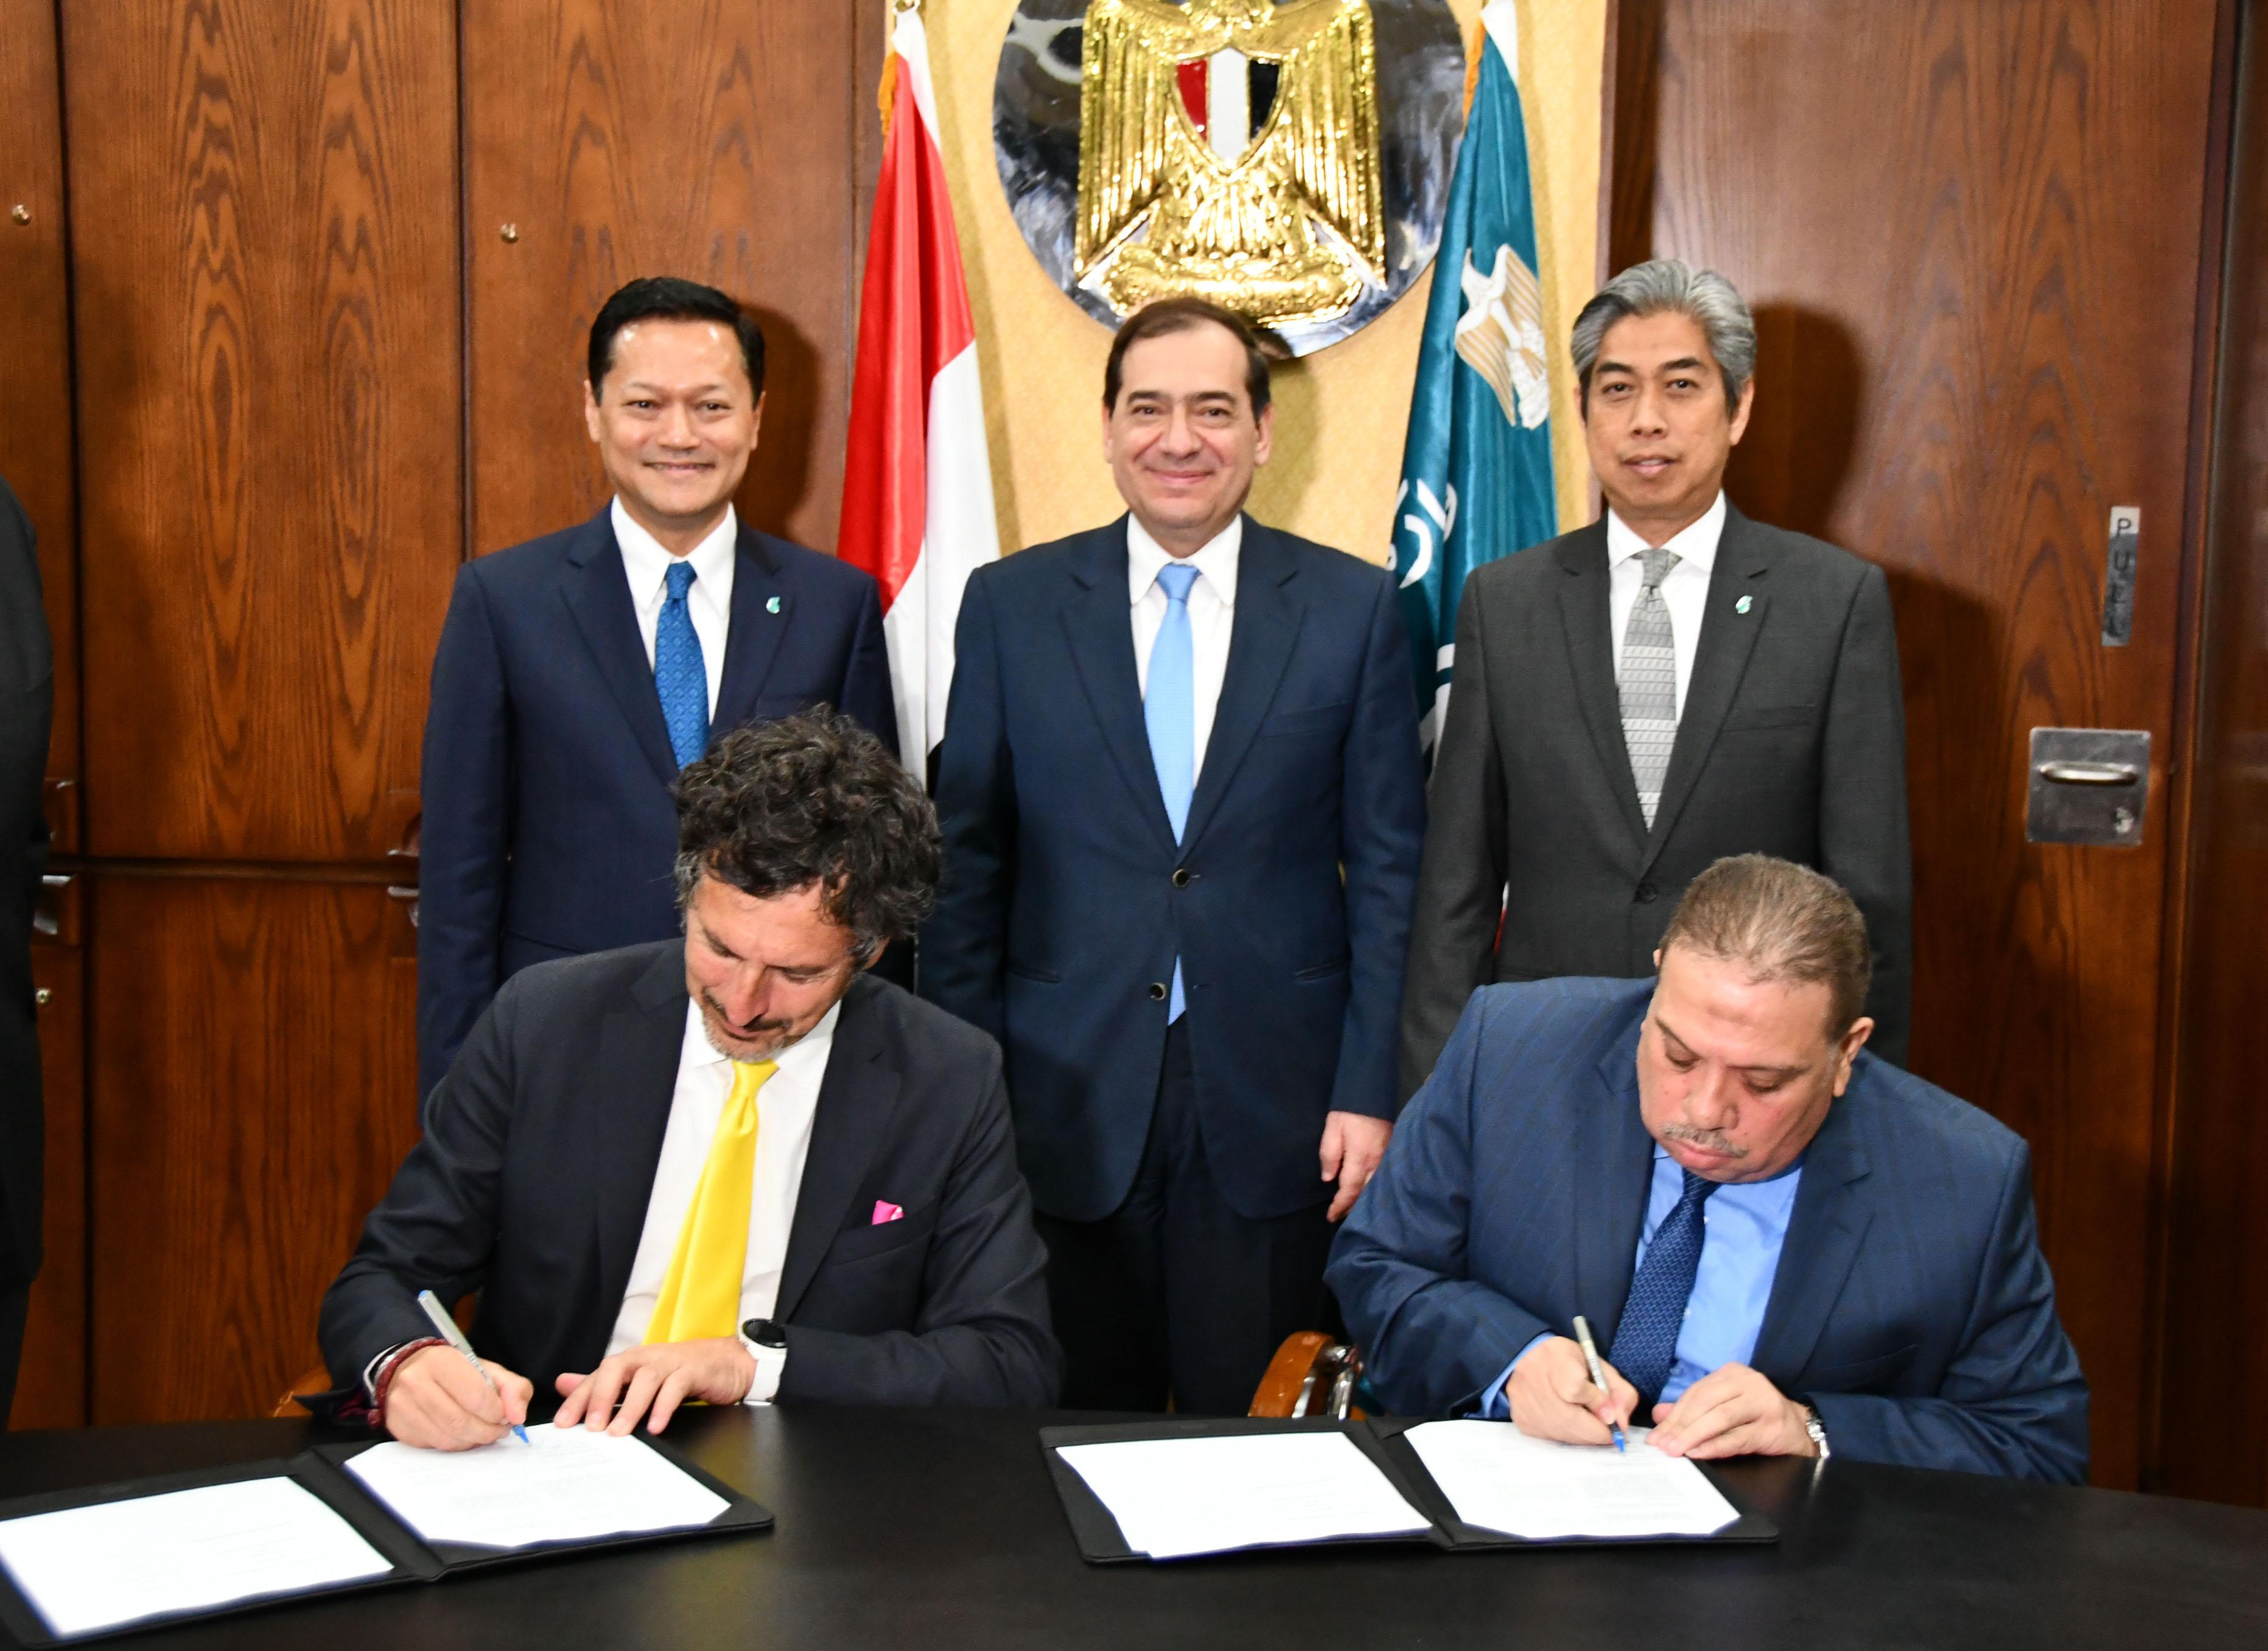 تفاصيل توقيع بروتوكول بين مصر للبترول و بتروناس الماليزية لتسويق الزيوت